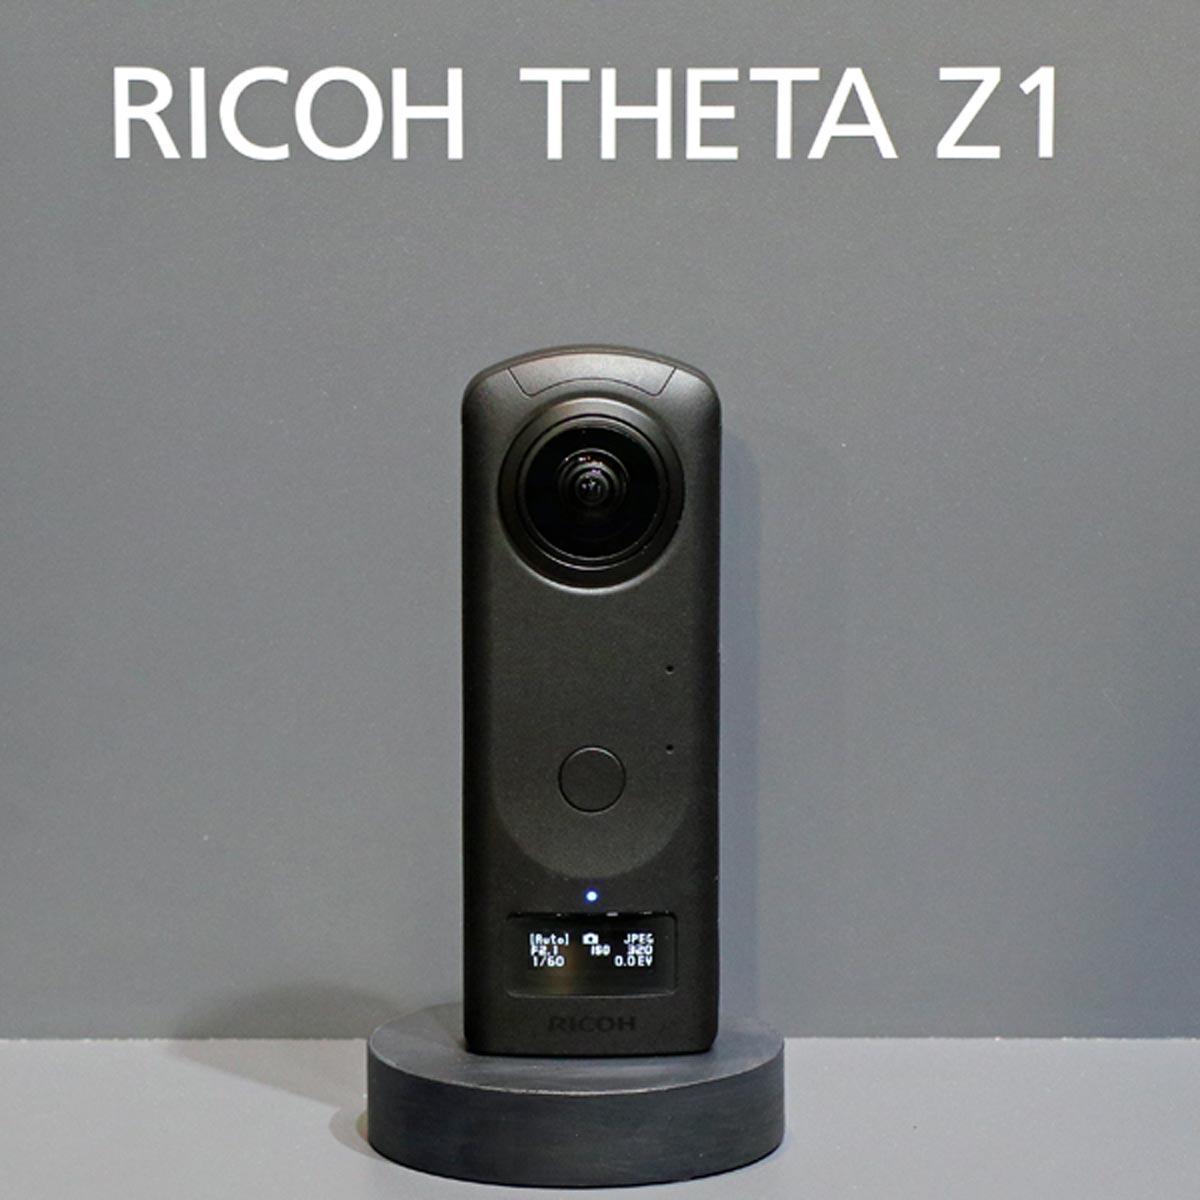 リコー新型360°カメラ「THETA Z1」誕生、1.0型センサー搭載で画質がアップ!